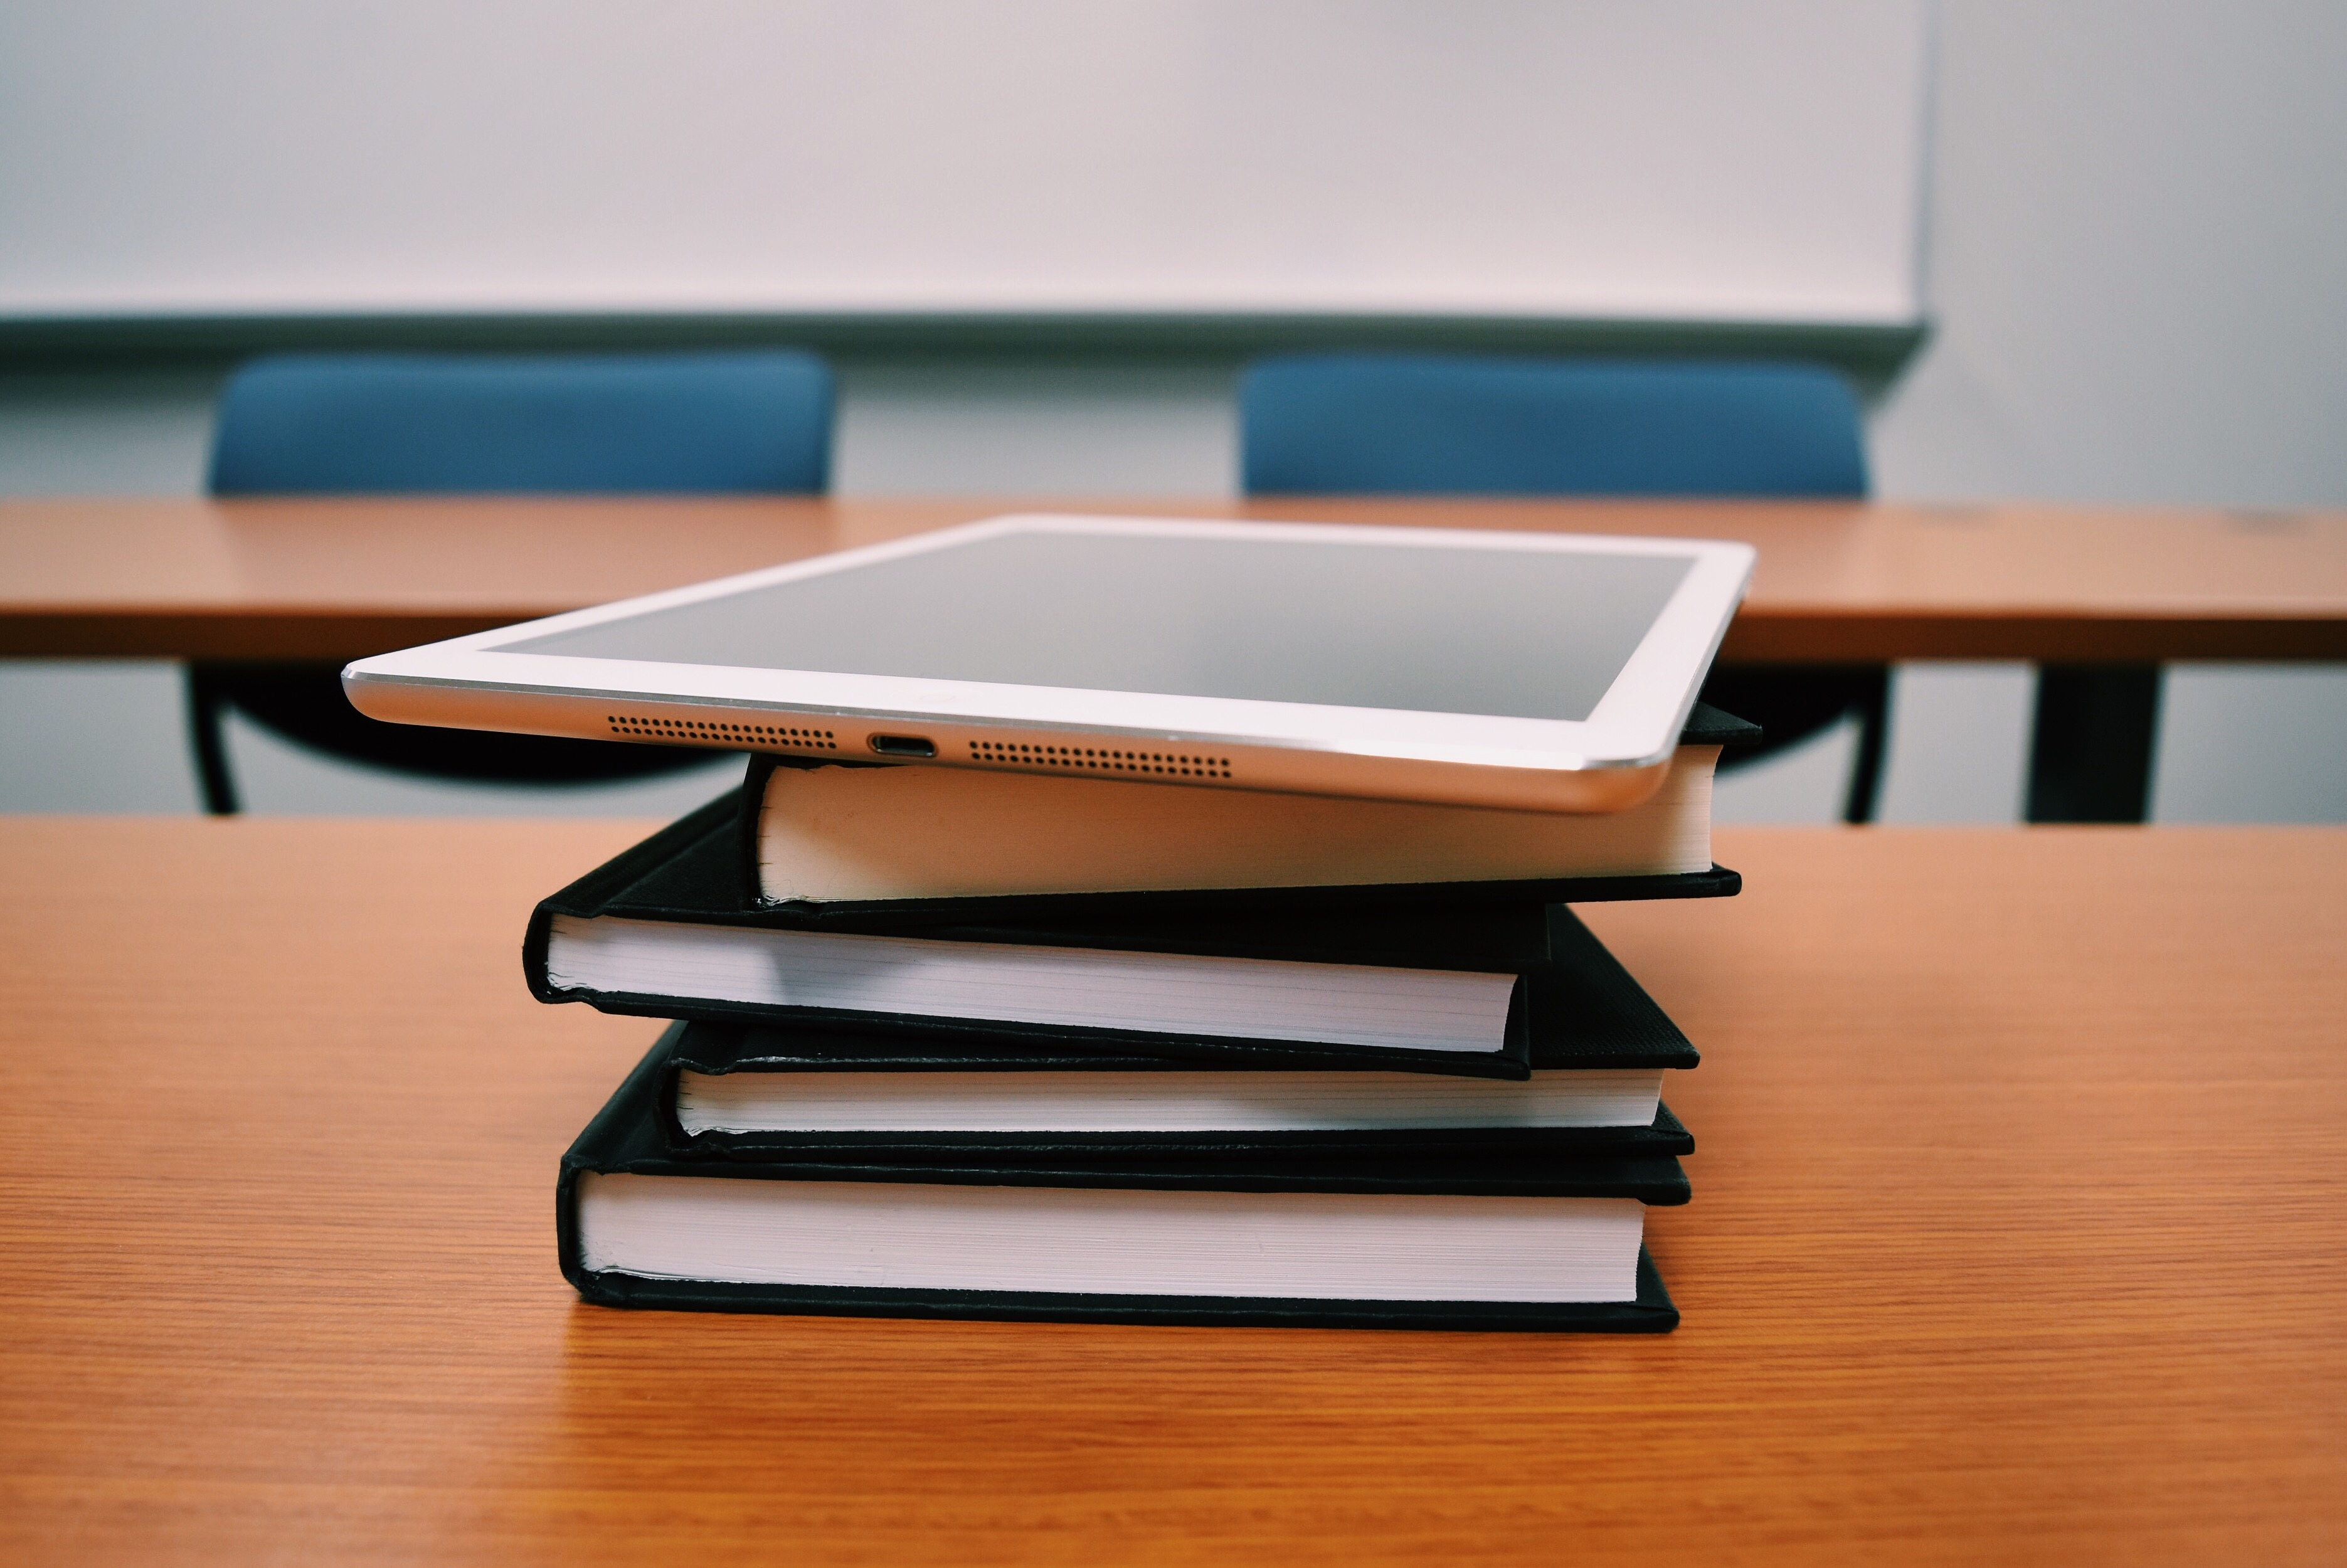 Une pile de livres, sur un bureau avec une tablette numérique au-dessus.